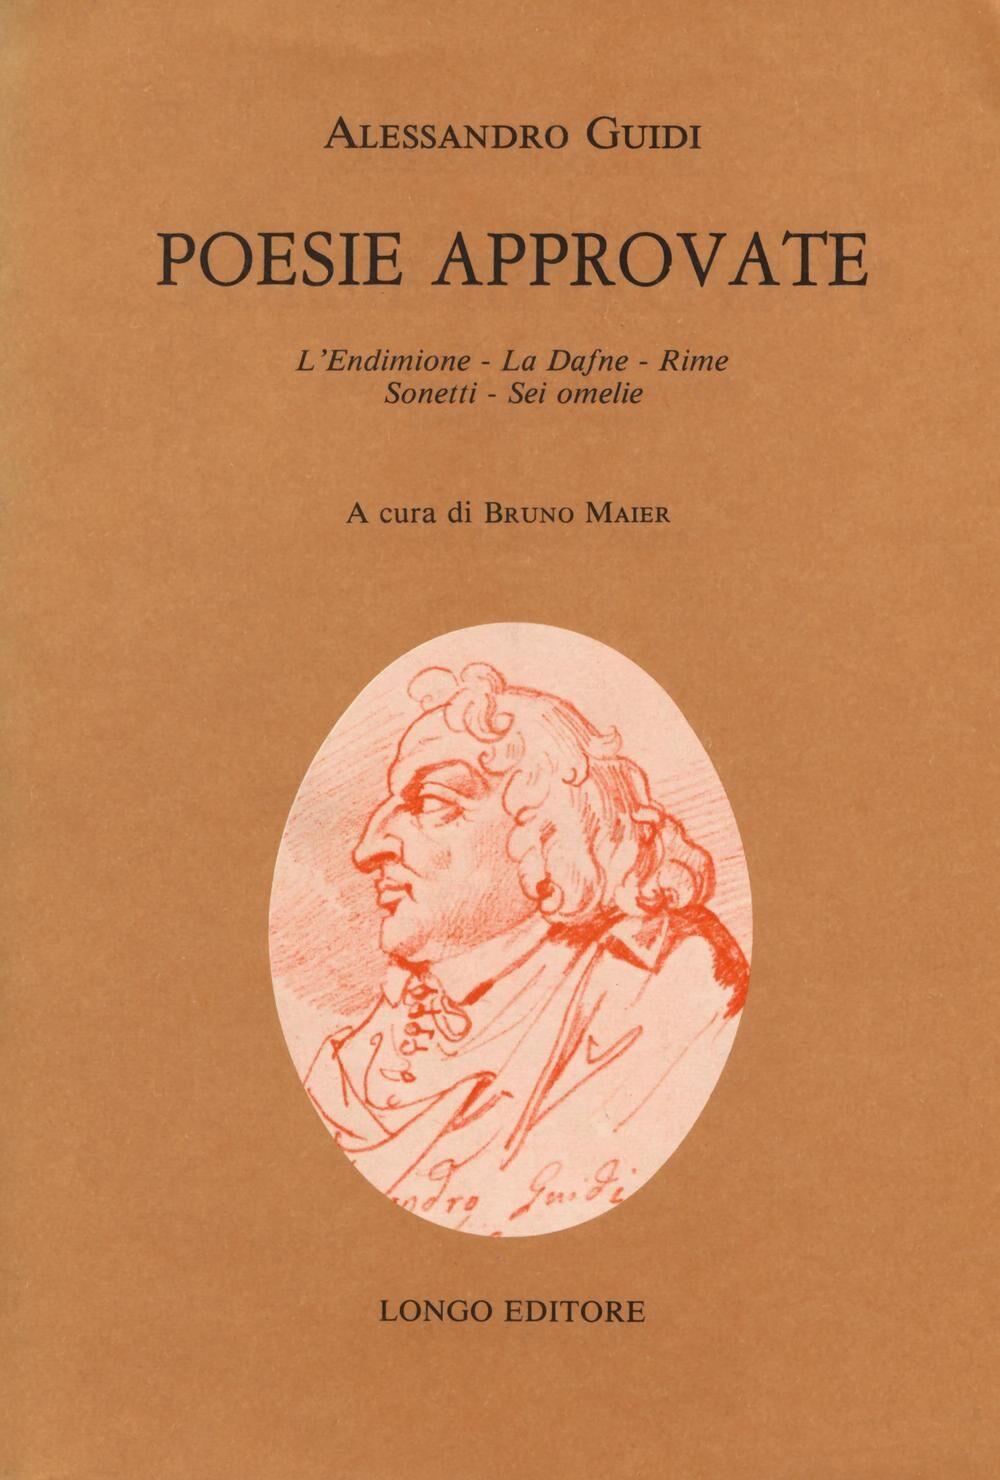 Poesie approvate: L'Endimione-La Dafne-Rime-Sonetti-Sei omelie